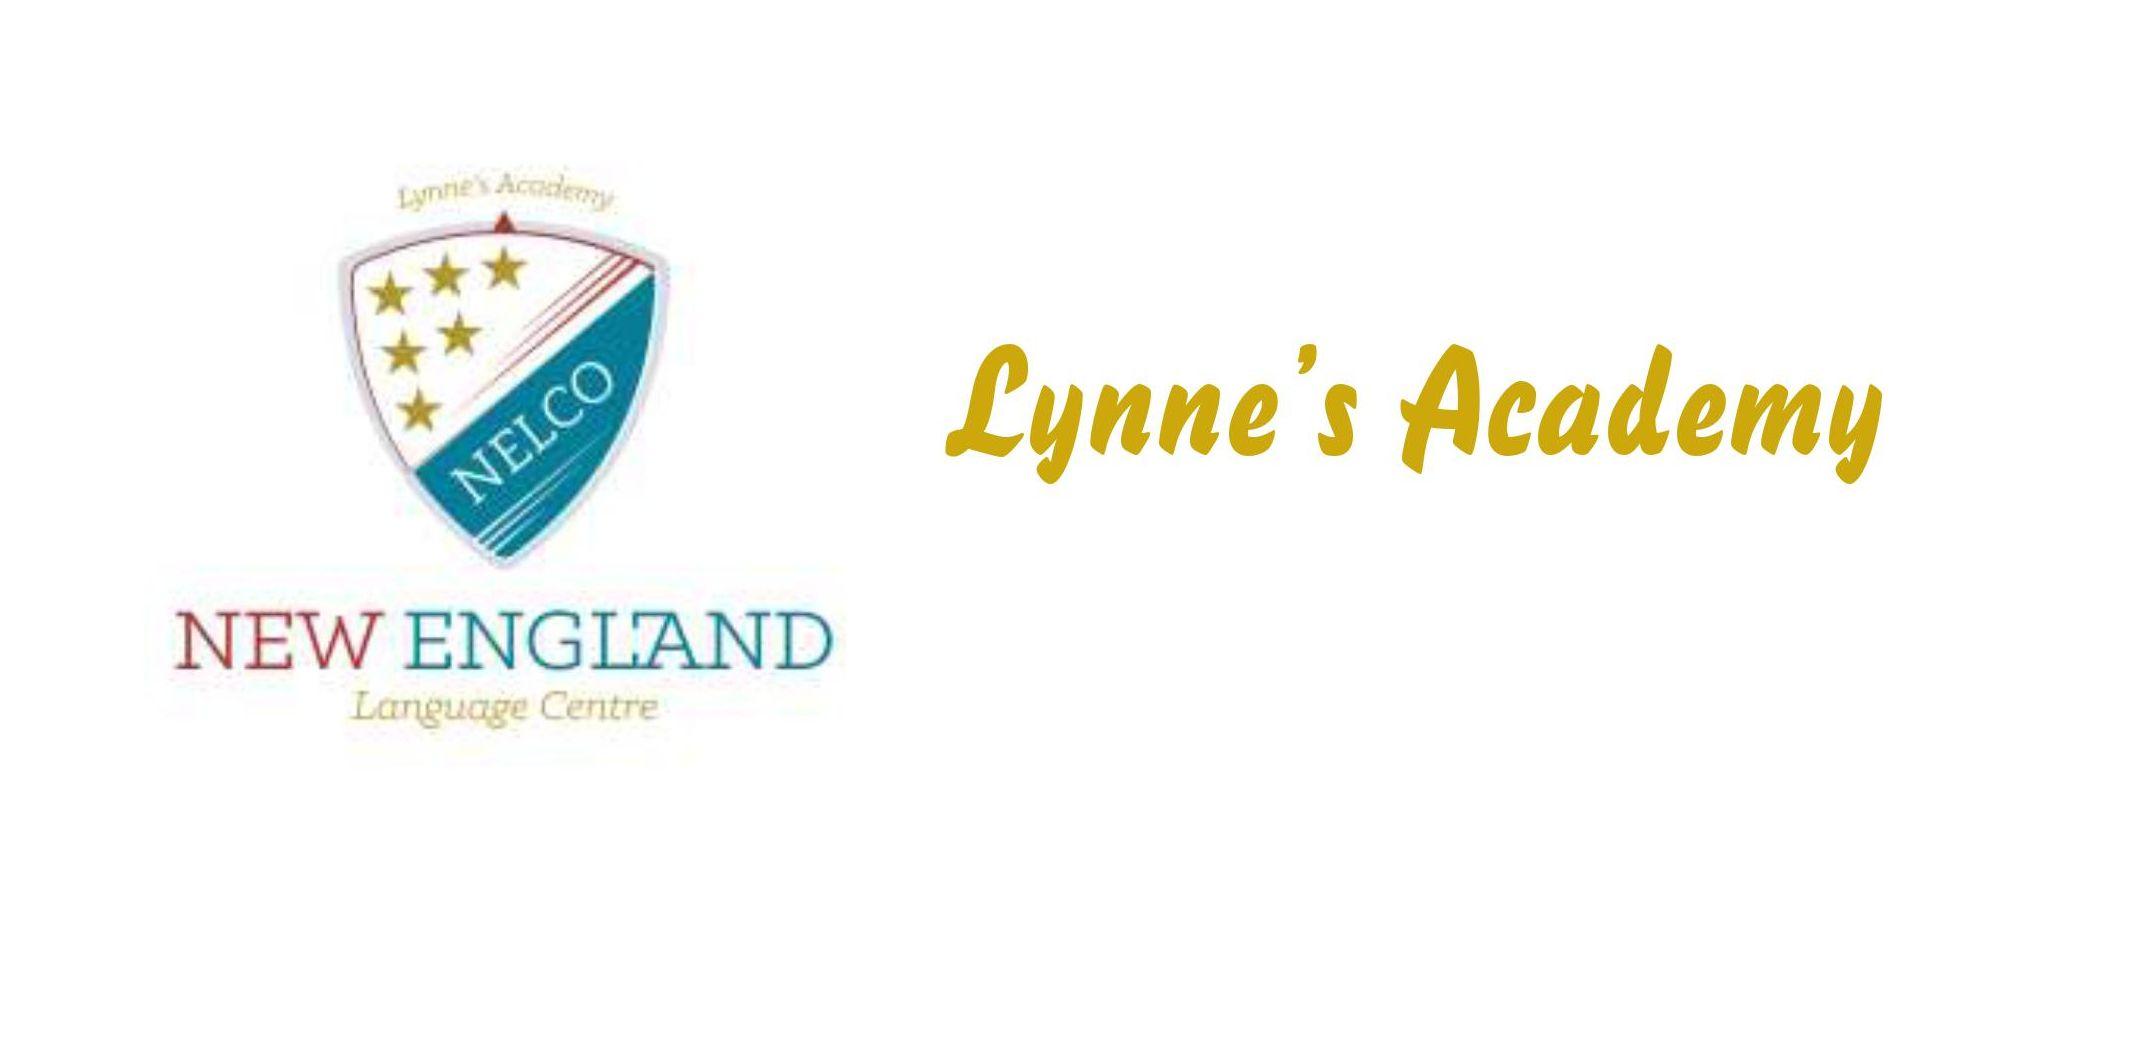 Academias de Idiomas Lynne